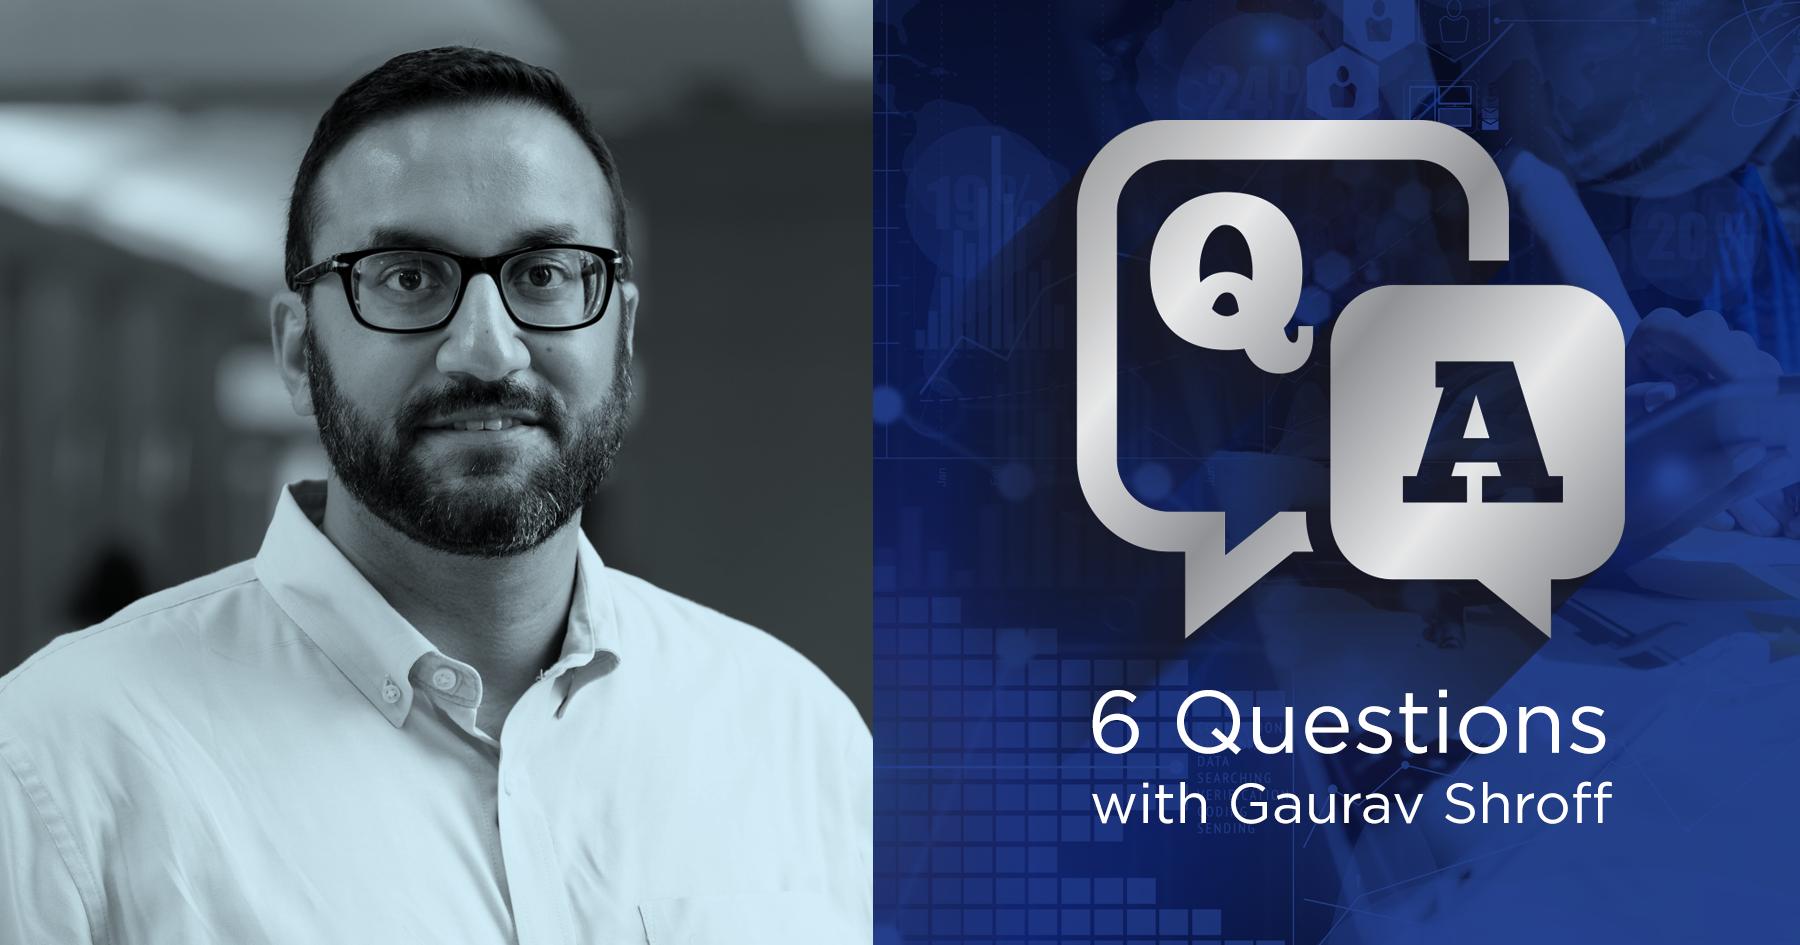 Q&A: 6 Questions With Gaurav Shroff